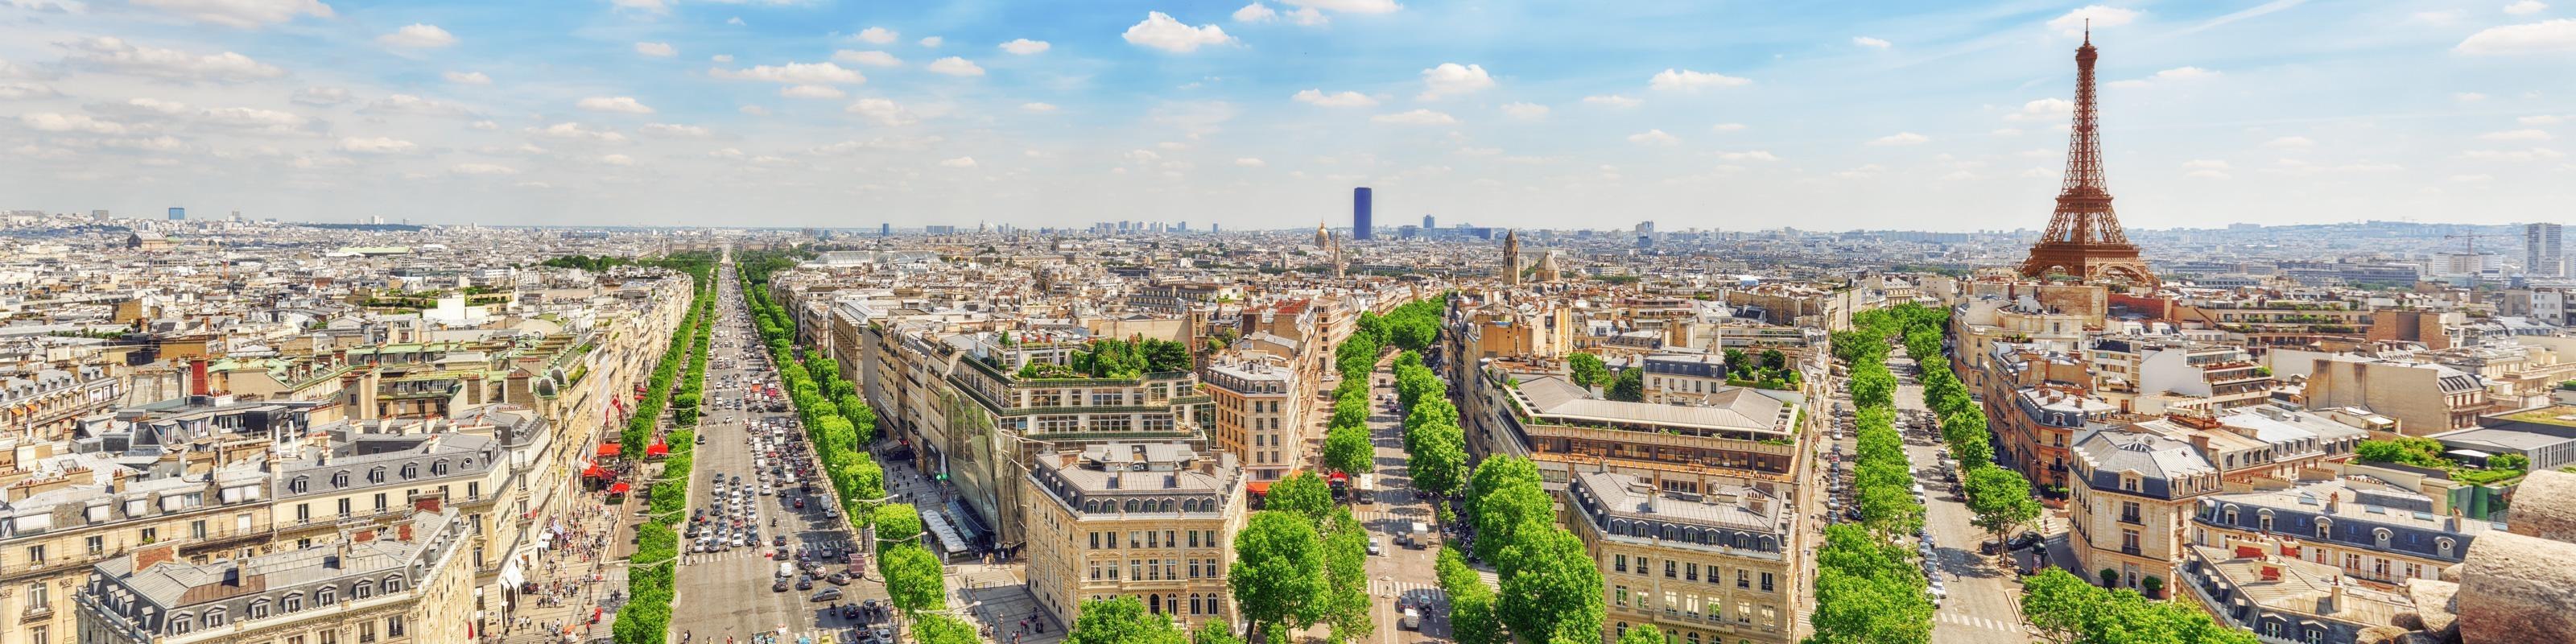 Top Neighborhoods in Paris